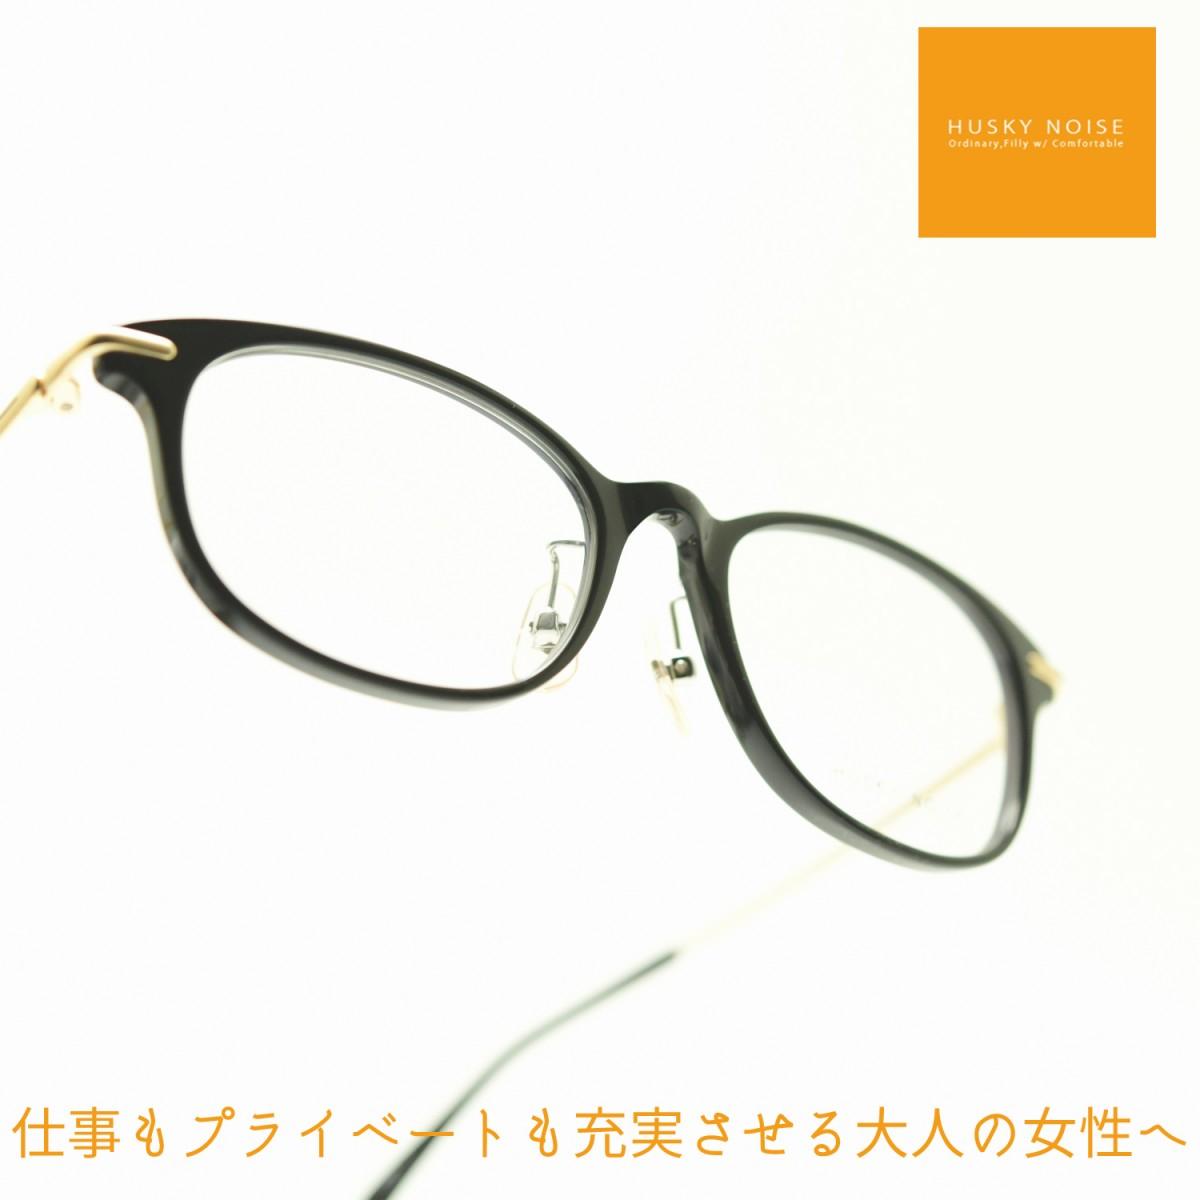 HUSKY NOISE ハスキーノイズH-158 col-1メガネ 眼鏡 めがね メンズ レディース おしゃれ ブランド 人気 おすすめ フレーム 流行り 度付き レンズ